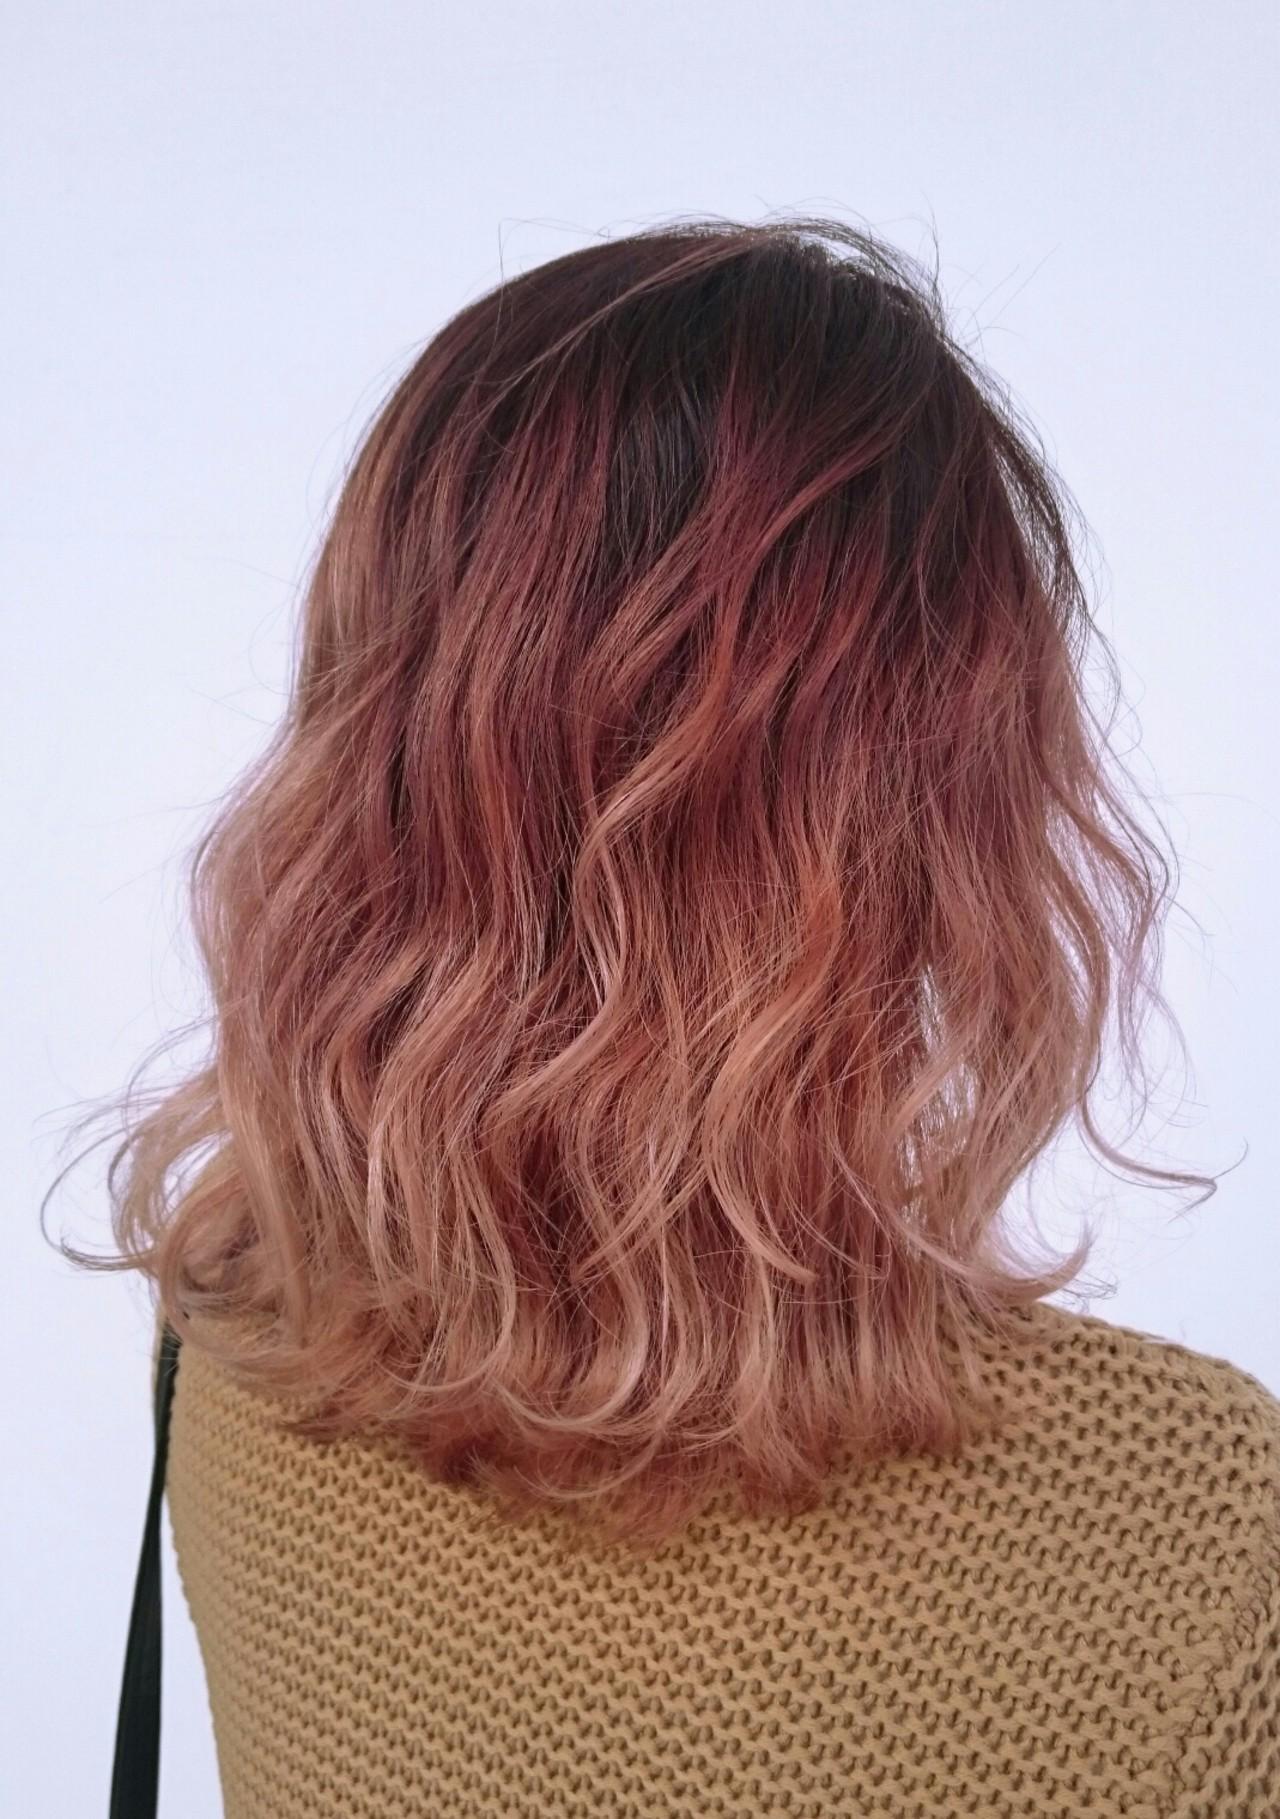 ほんのりピンクにきゅんとする。愛され「ラベンダーアッシュ」のヘアスタイルまとめ  白川 知博 KEYMAN